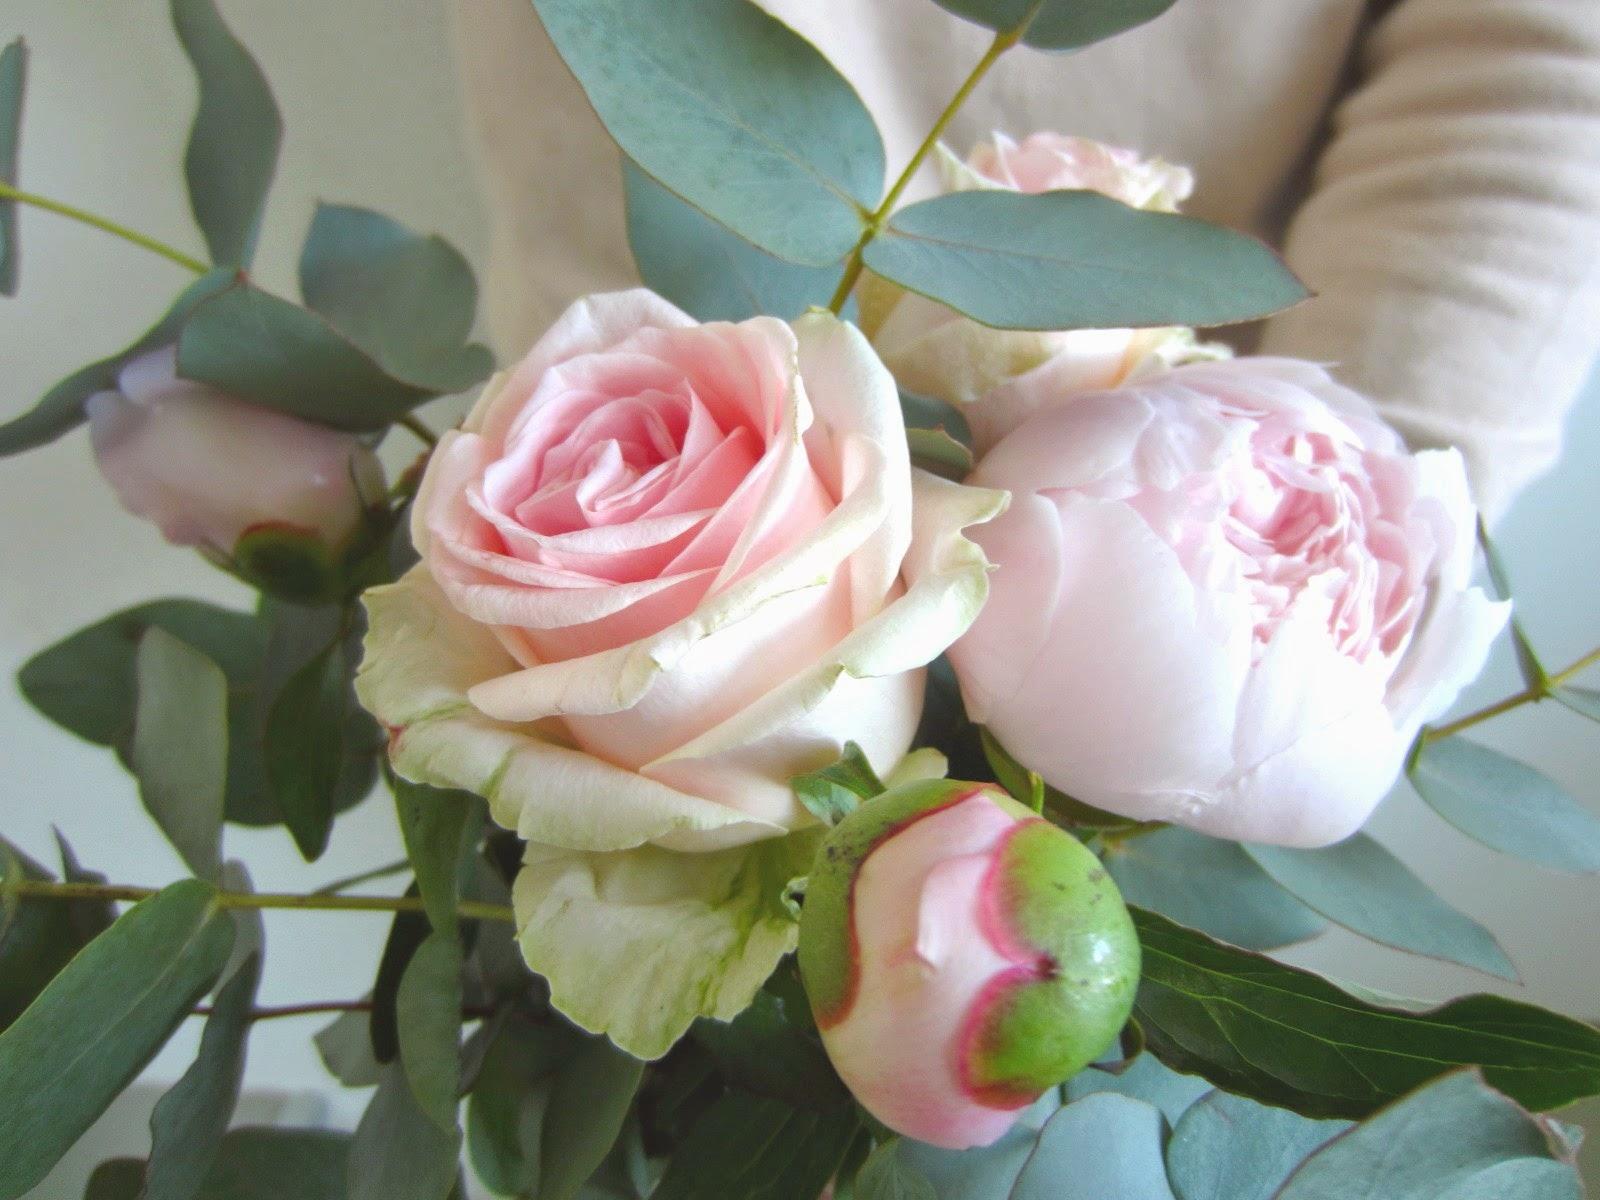 la petite boutique de fleurs fleuriste mariage lyon fleuriste mariage rh ne elles sont l. Black Bedroom Furniture Sets. Home Design Ideas